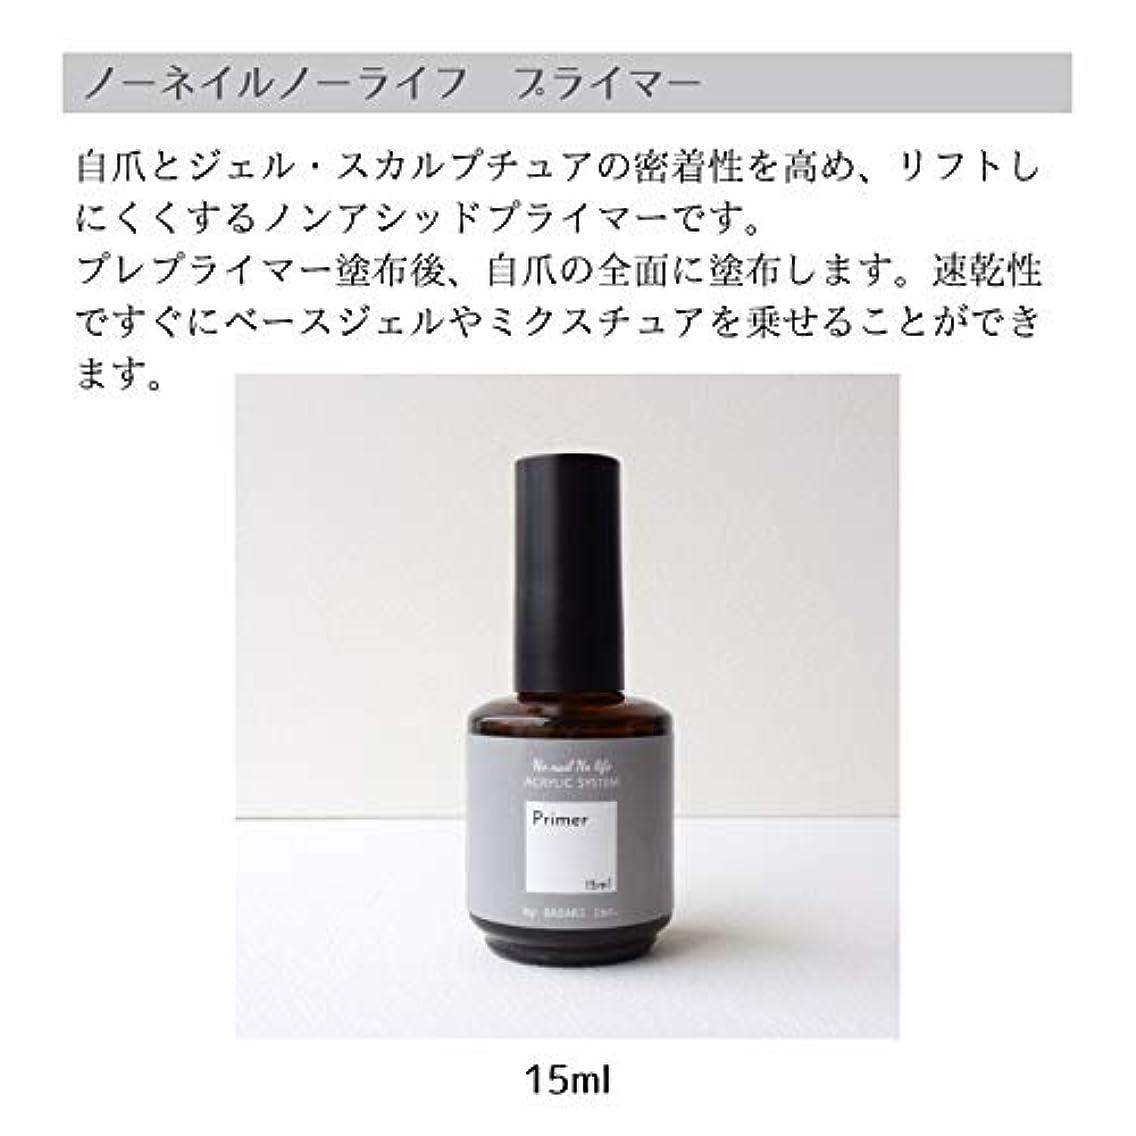 むしゃむしゃスティック作り【新発売】 プライマー 15ml ジェル?スカルプの持ちをアップ!